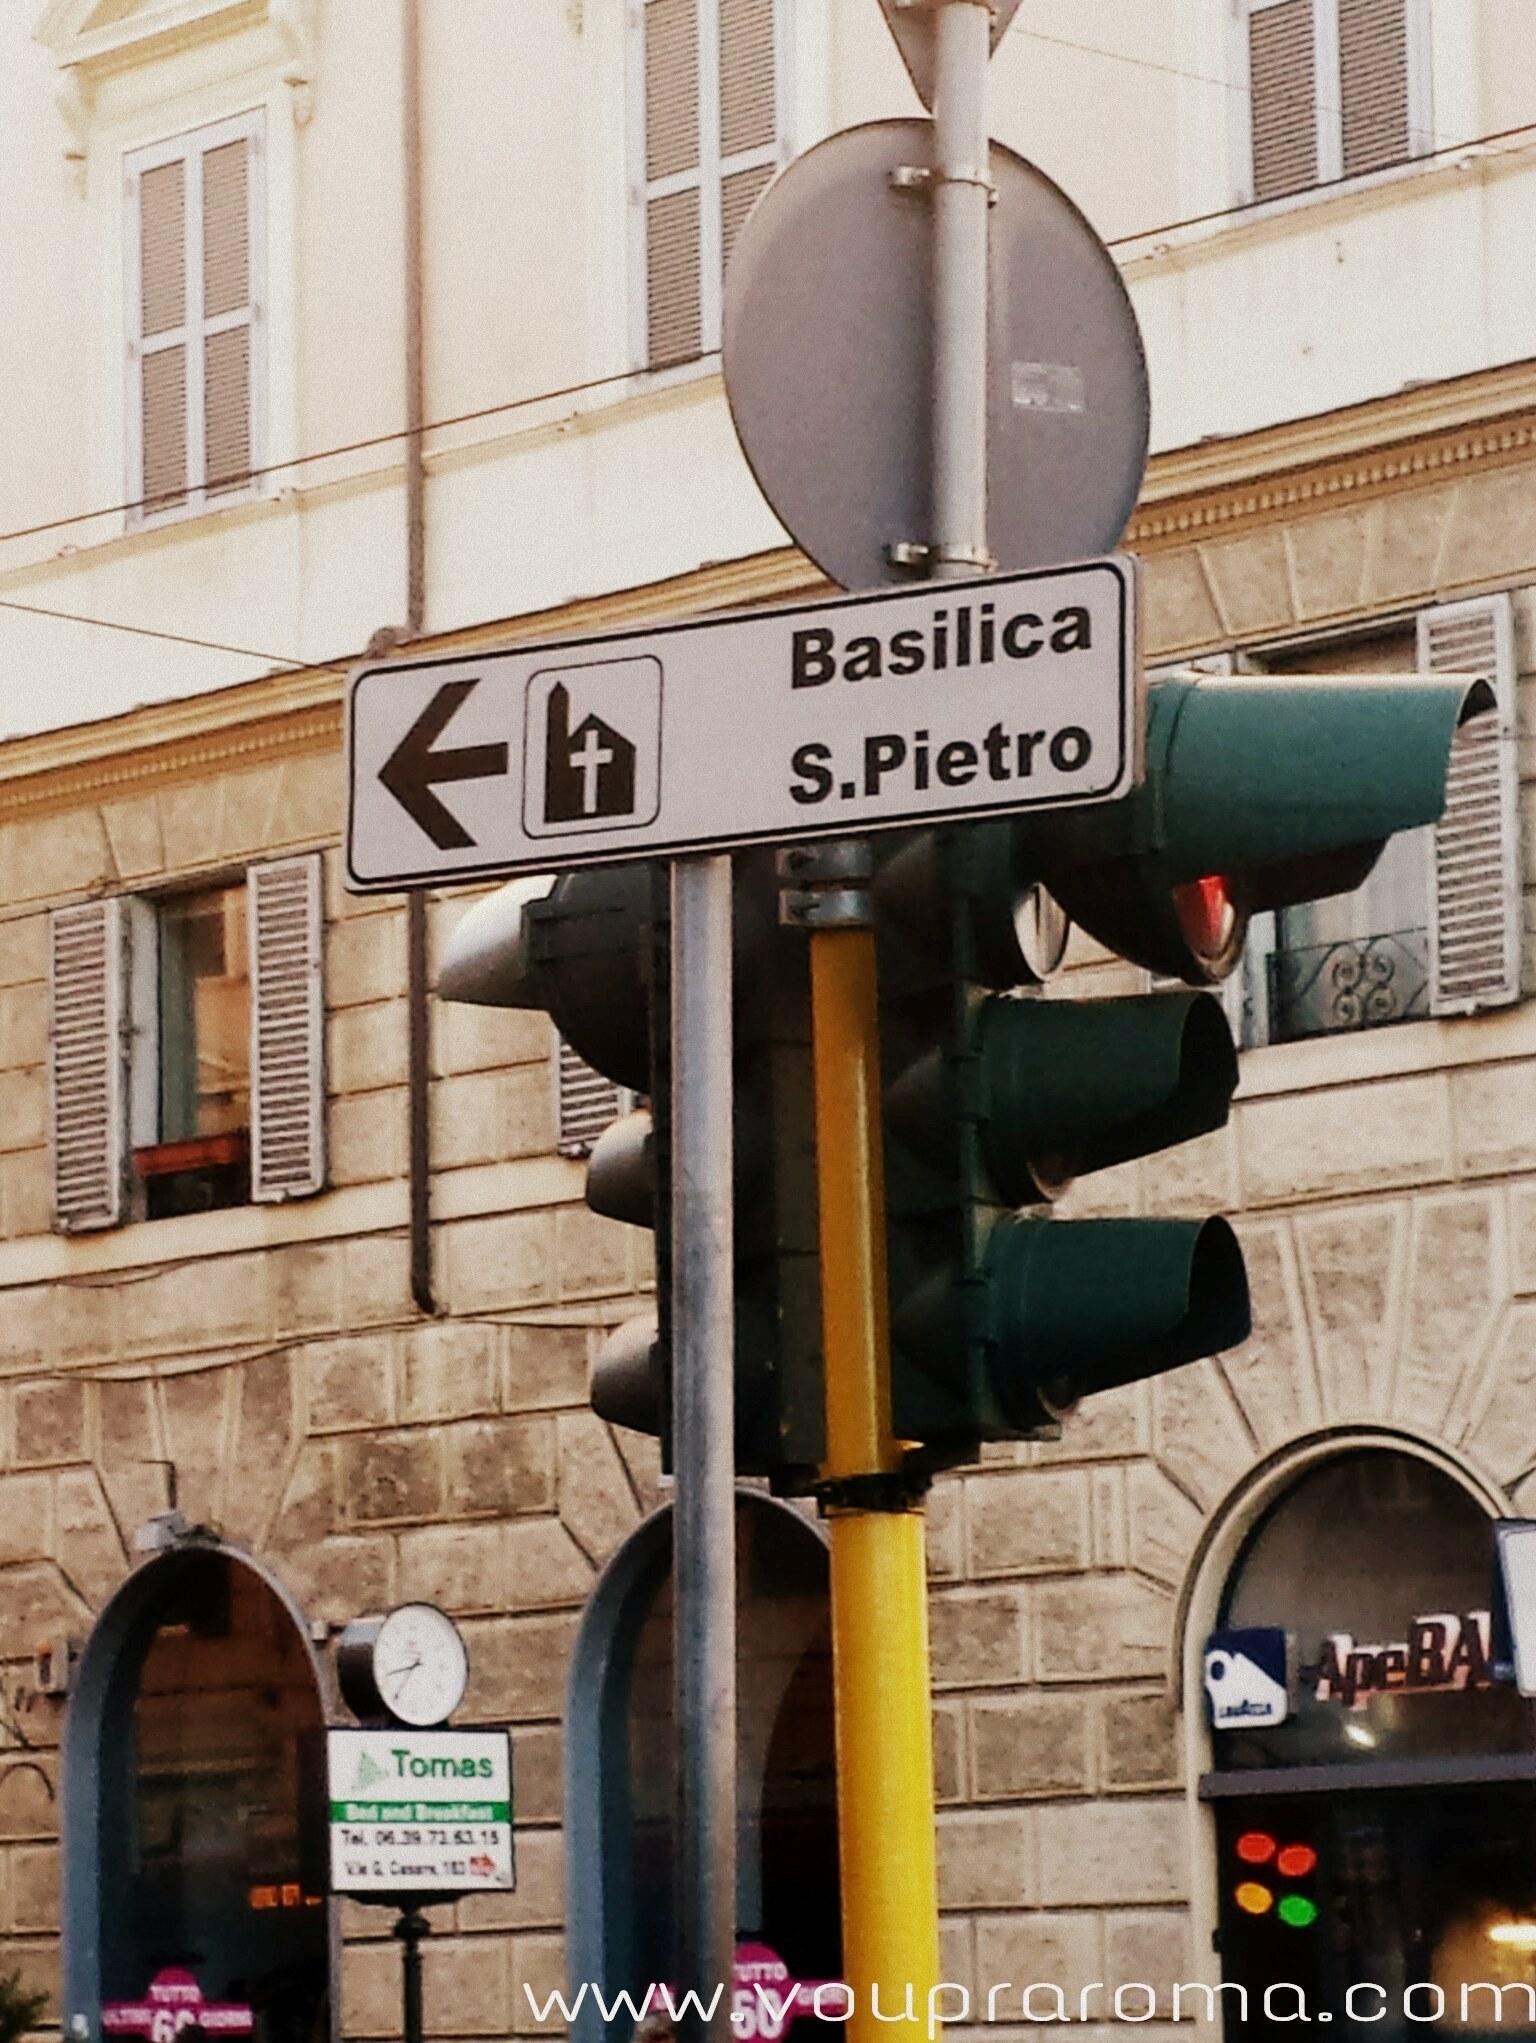 DICAS BASÍLICA SAN PIETRO -Blog Vou pra Roma